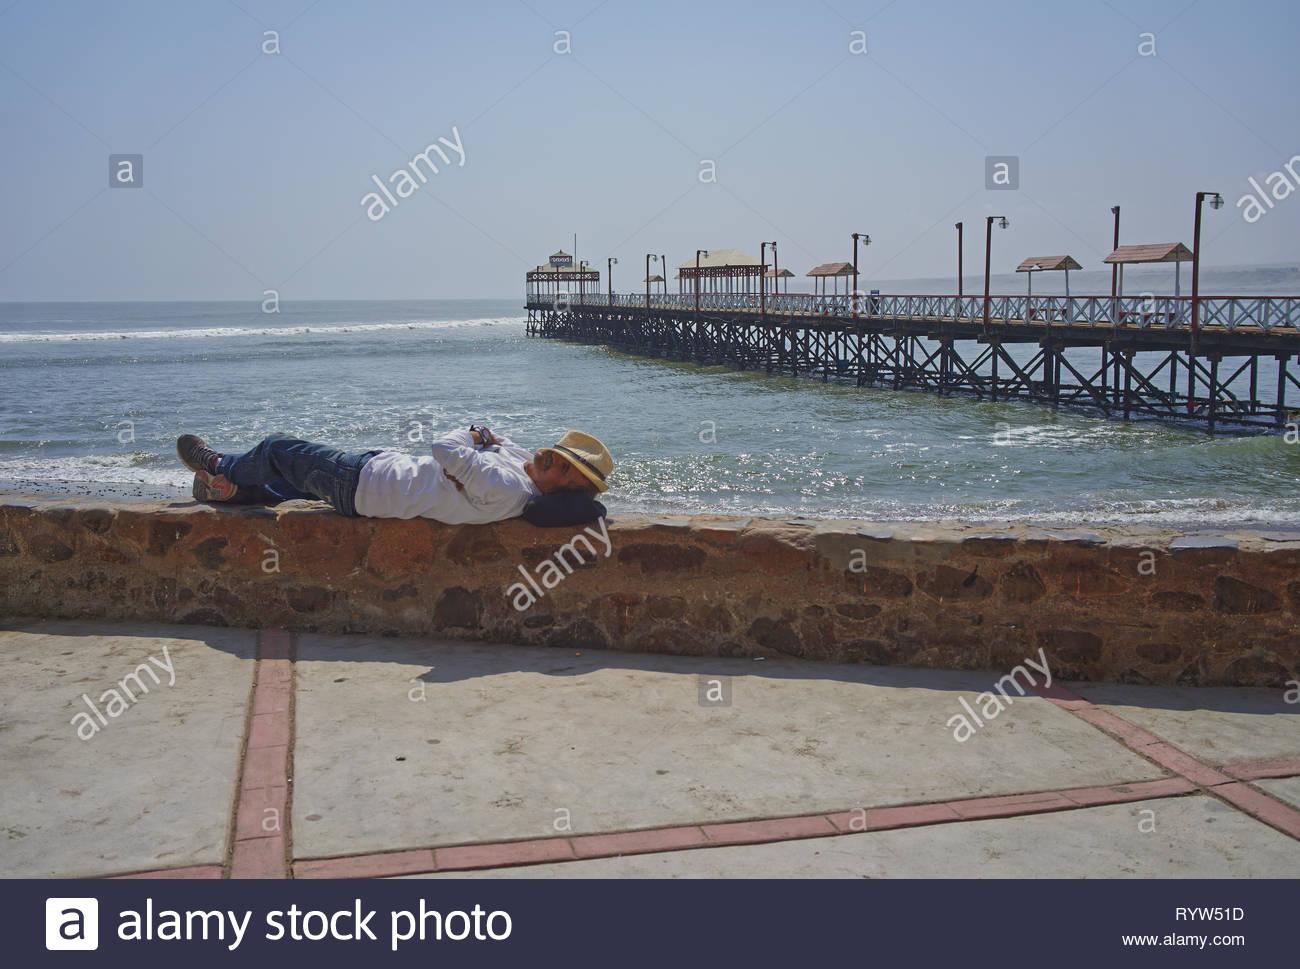 Menschen schlafen auf der Promenade mit der schönen Pir im Hintergrund am Strand von Huanchaco Trujillo Peru Stockfoto